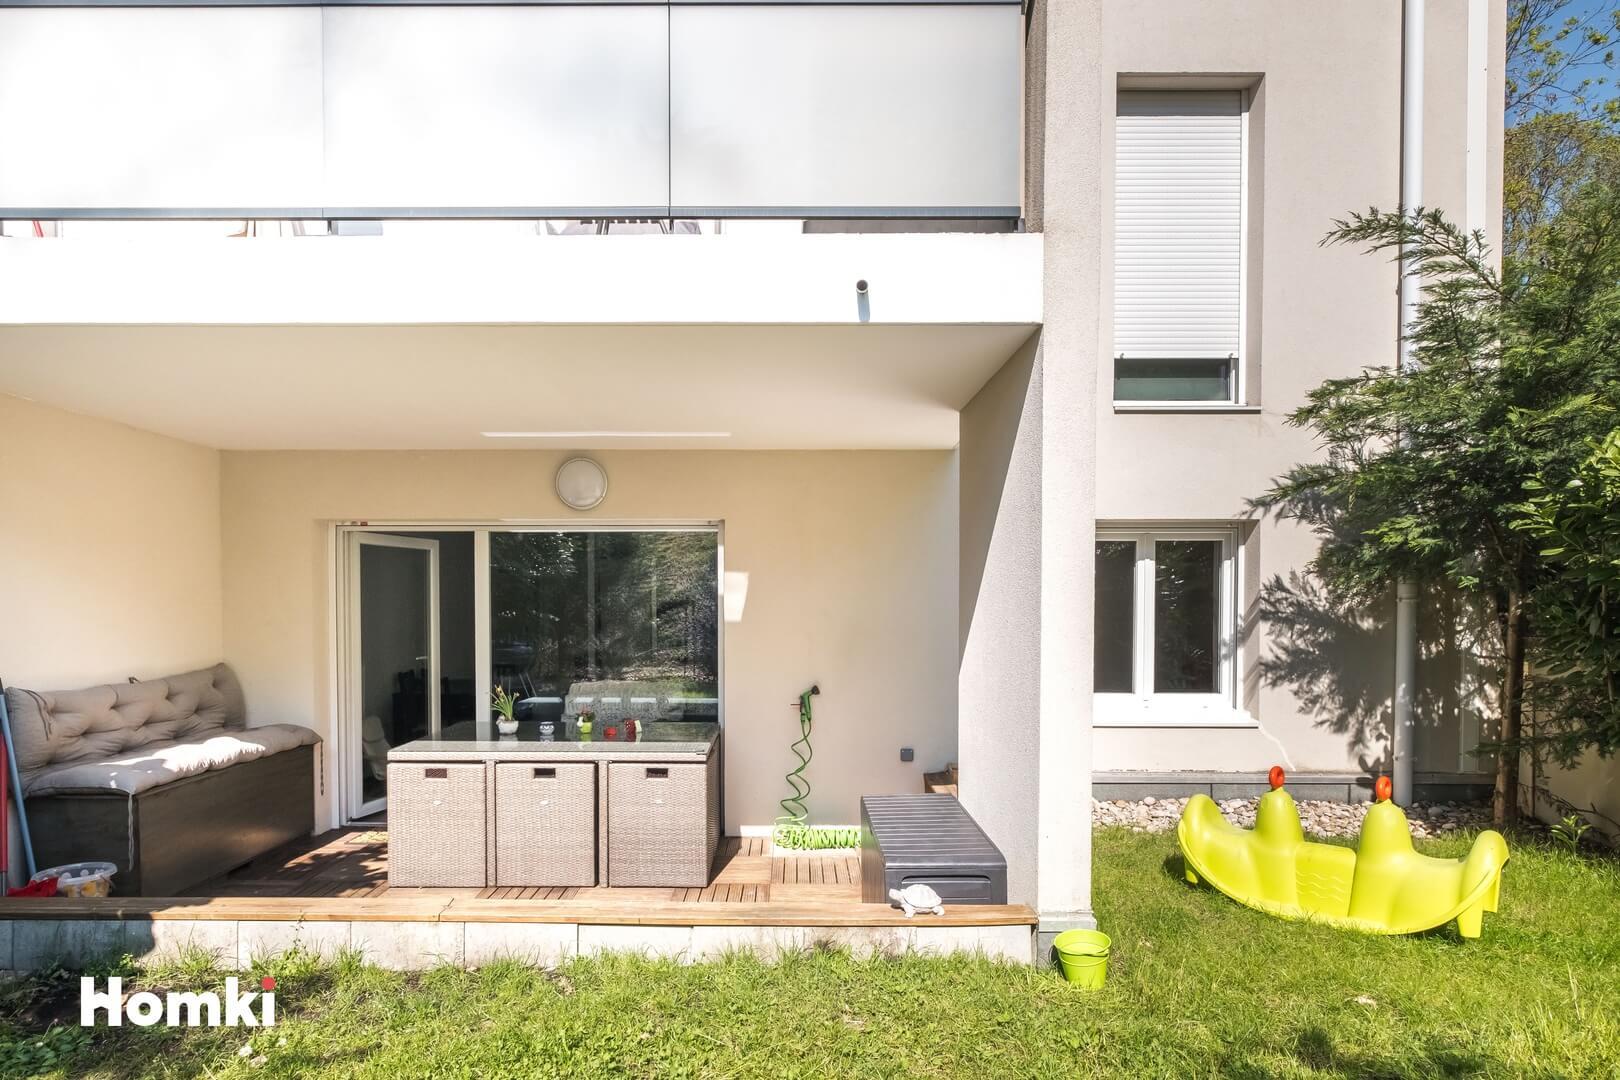 Homki - Vente Appartement  de 46.0 m² à Francheville 69340